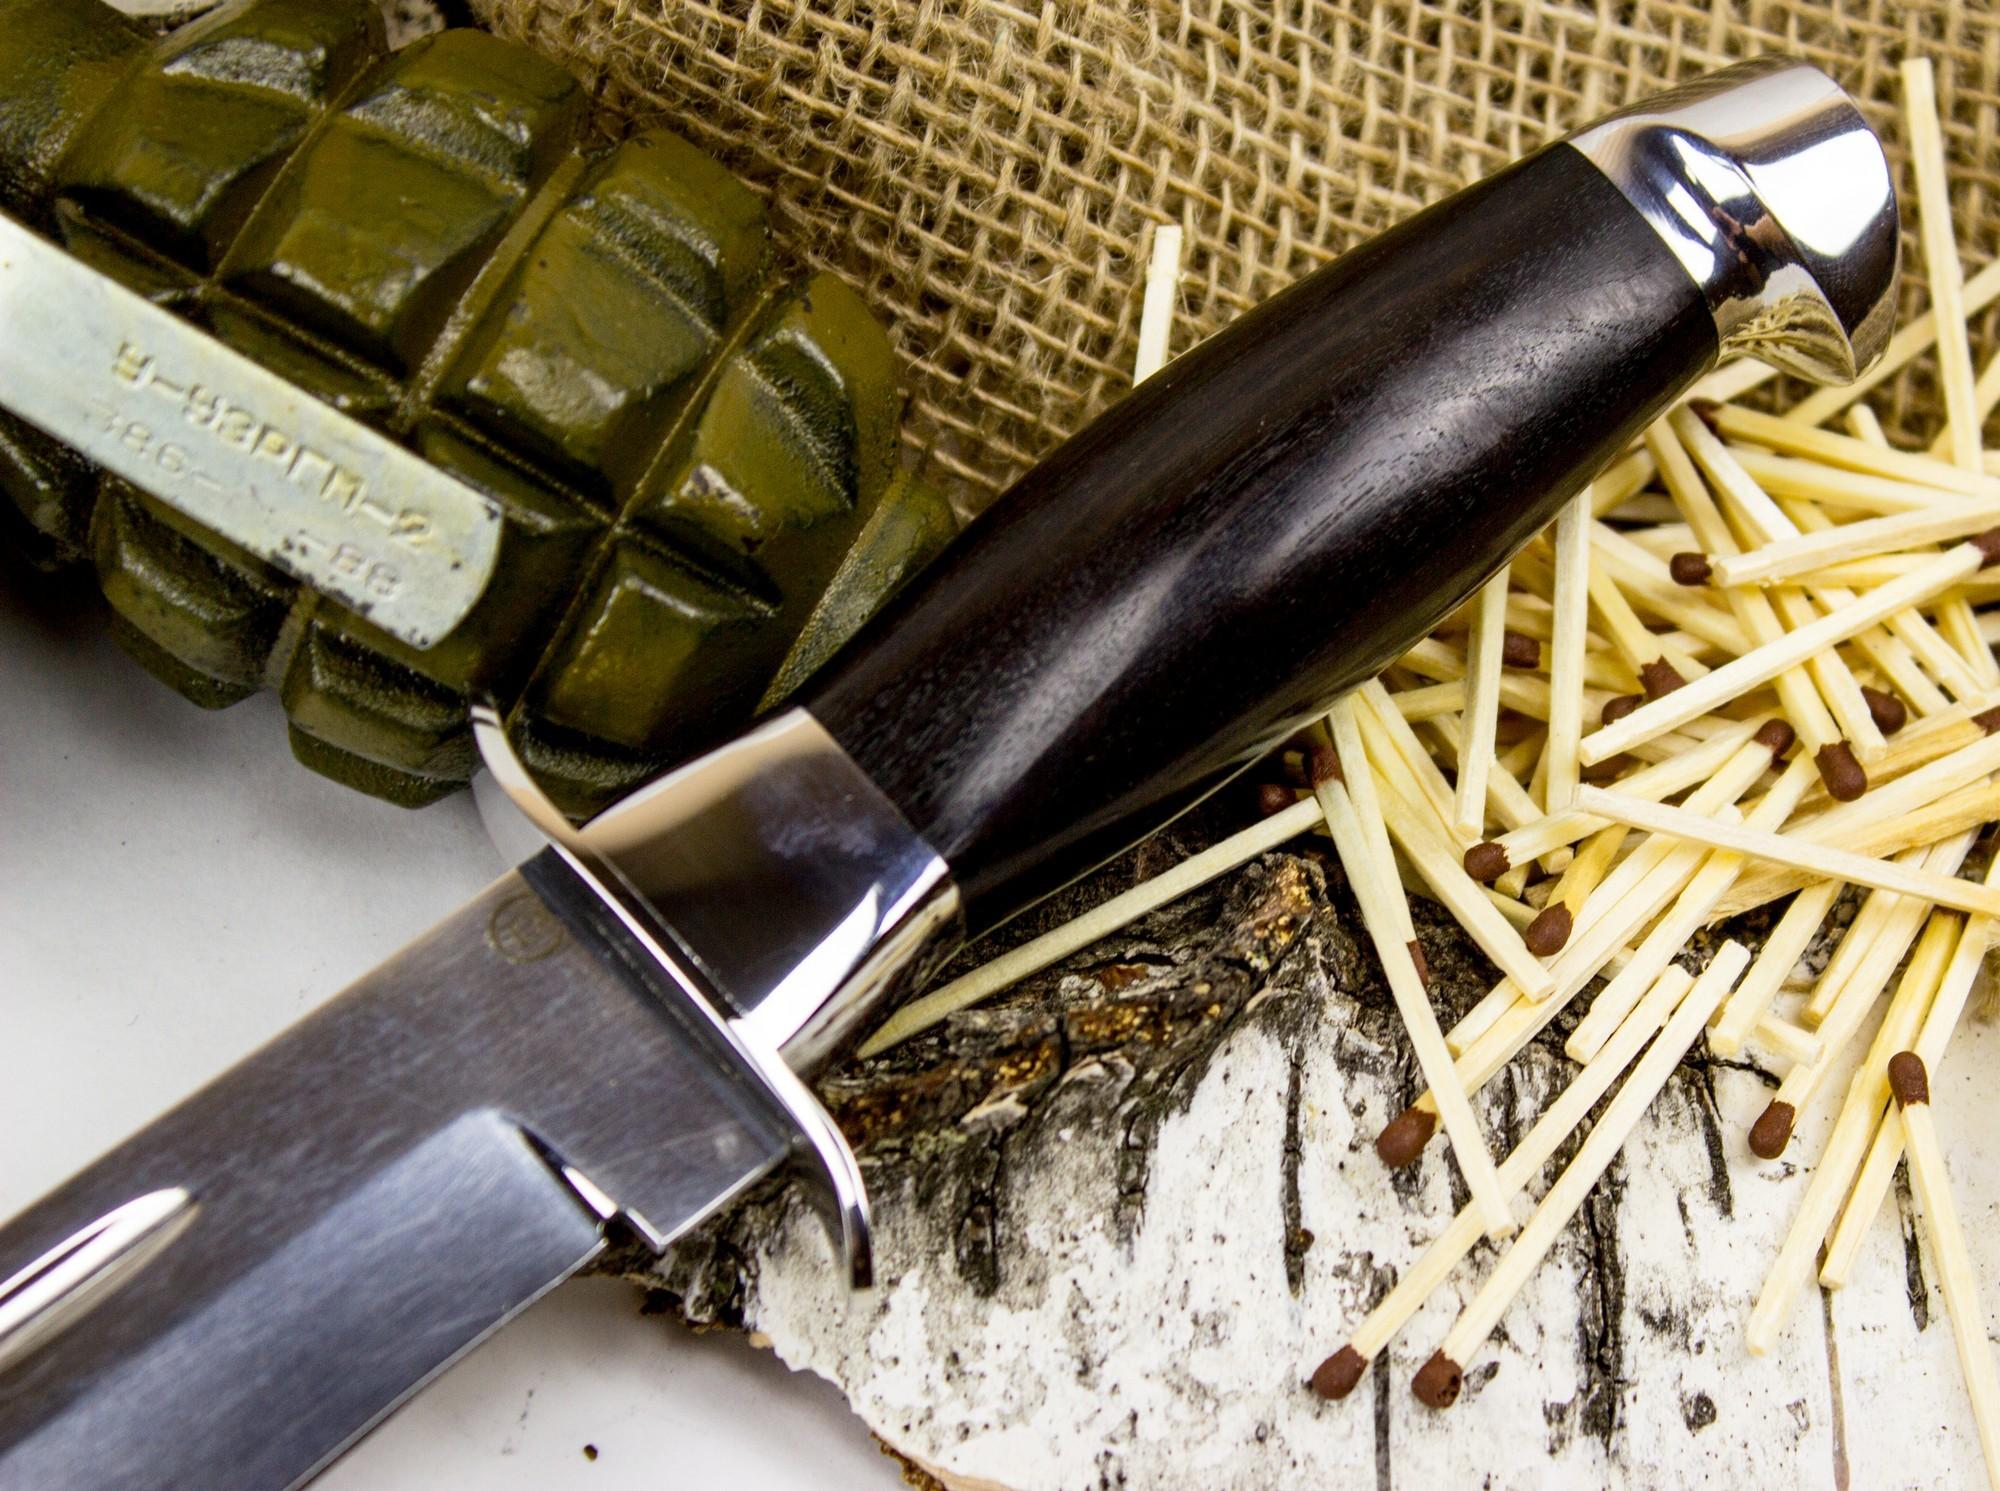 Фото 8 - Нож Макс, сталь 95х18, граб от Титов и Солдатова